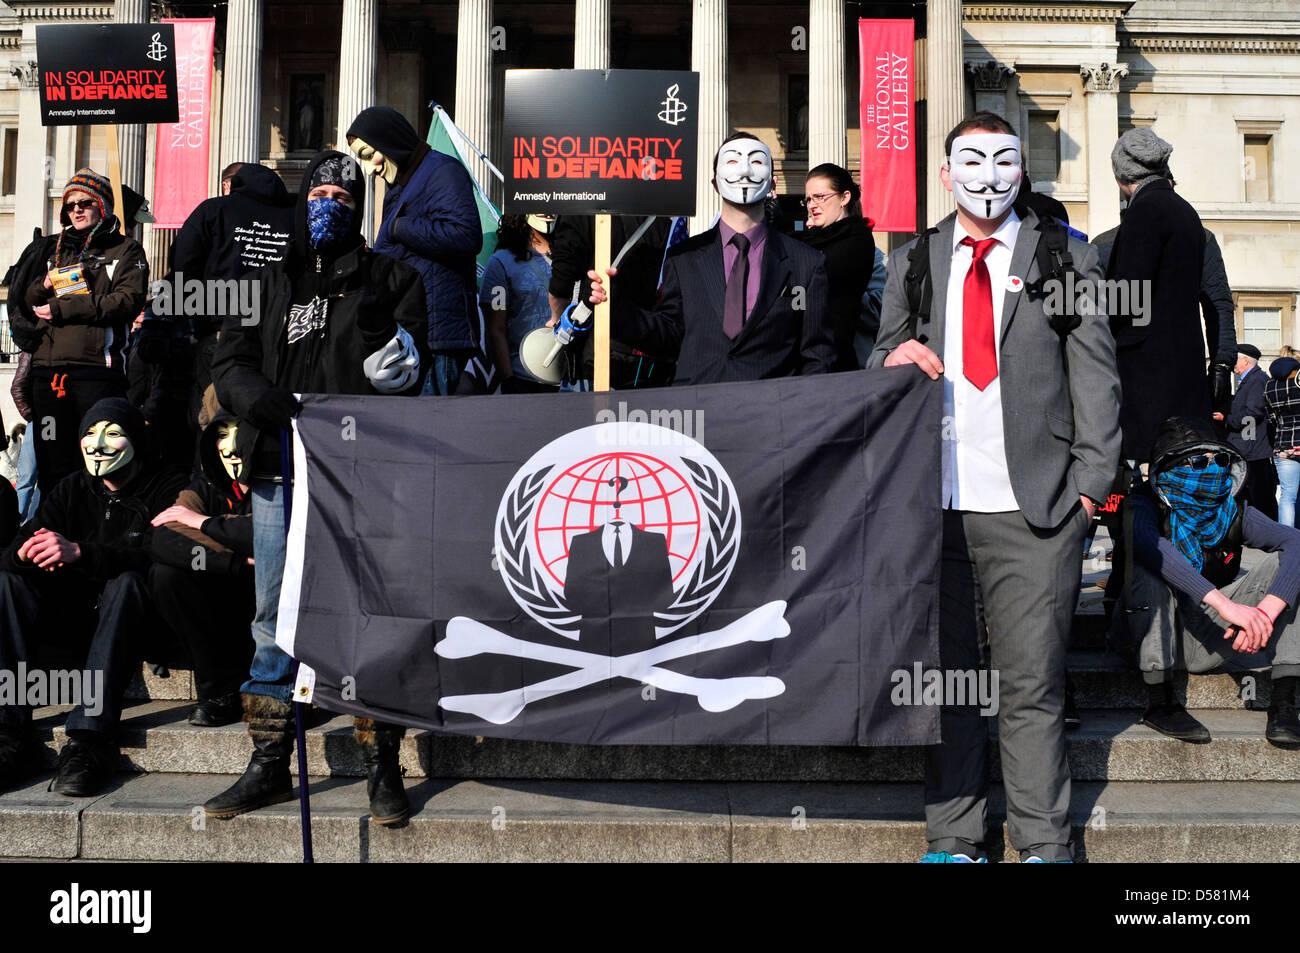 Un groupe de manifestants, certains d'entre eux portant des masques anonyme lors d'un rassemblement à Photo Stock